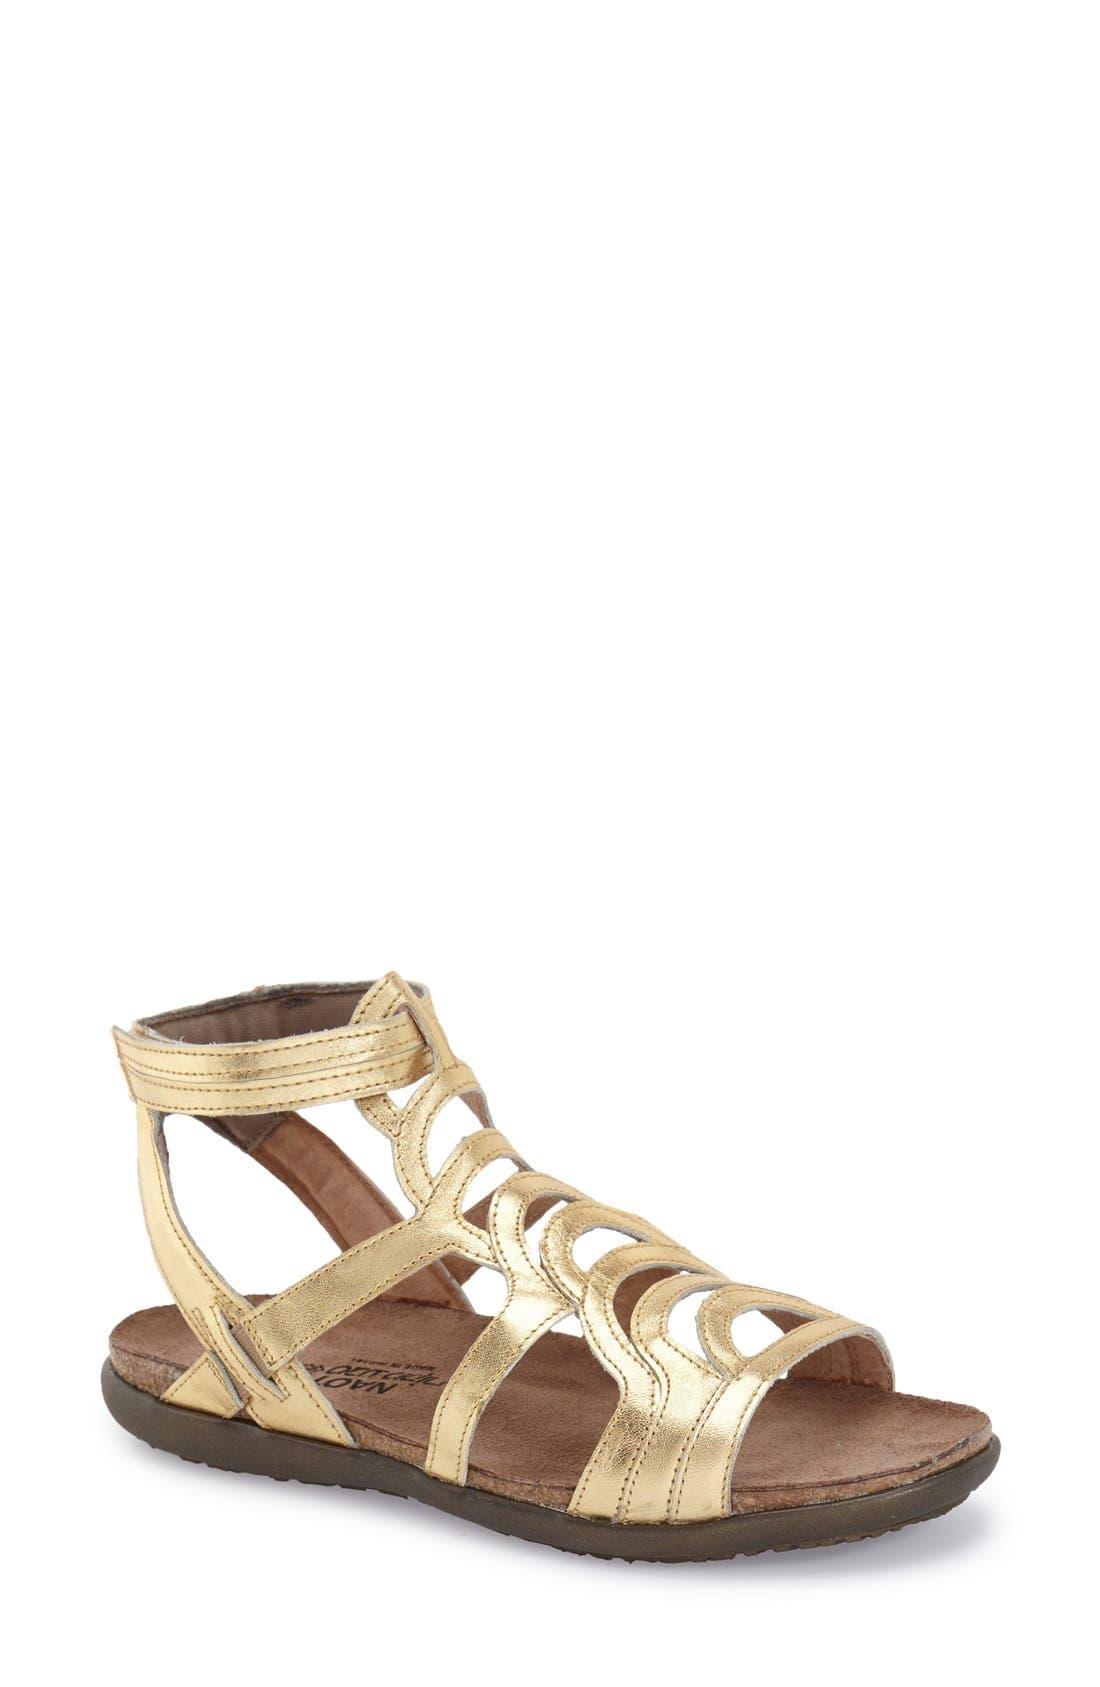 NAOT 'Sara' Gladiator Sandal